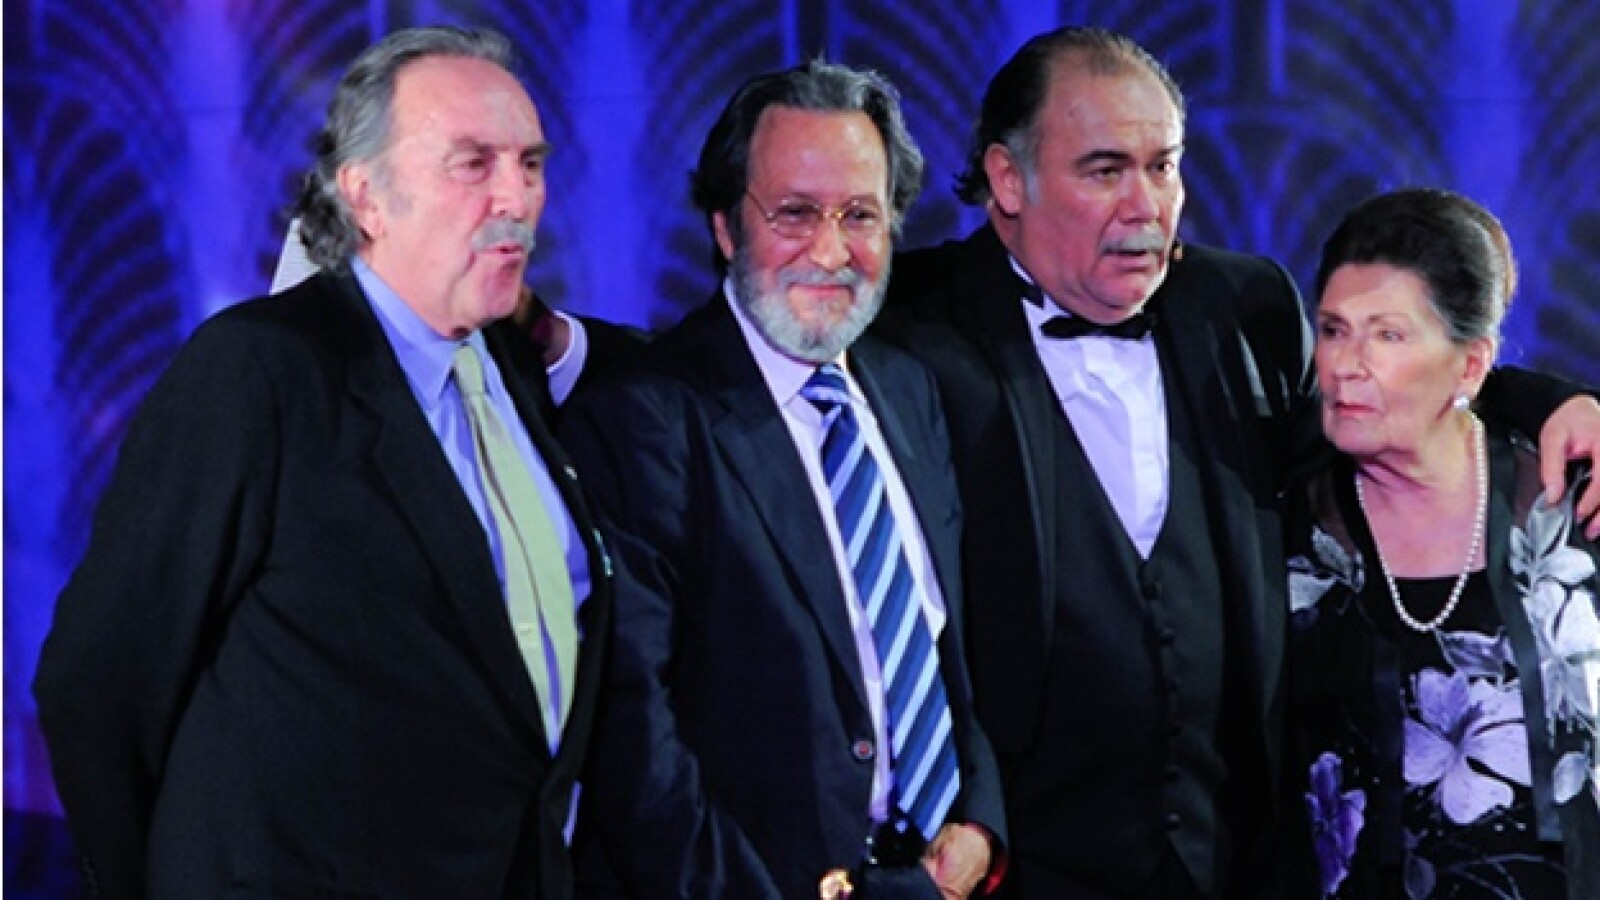 Pedro Armendariz 1